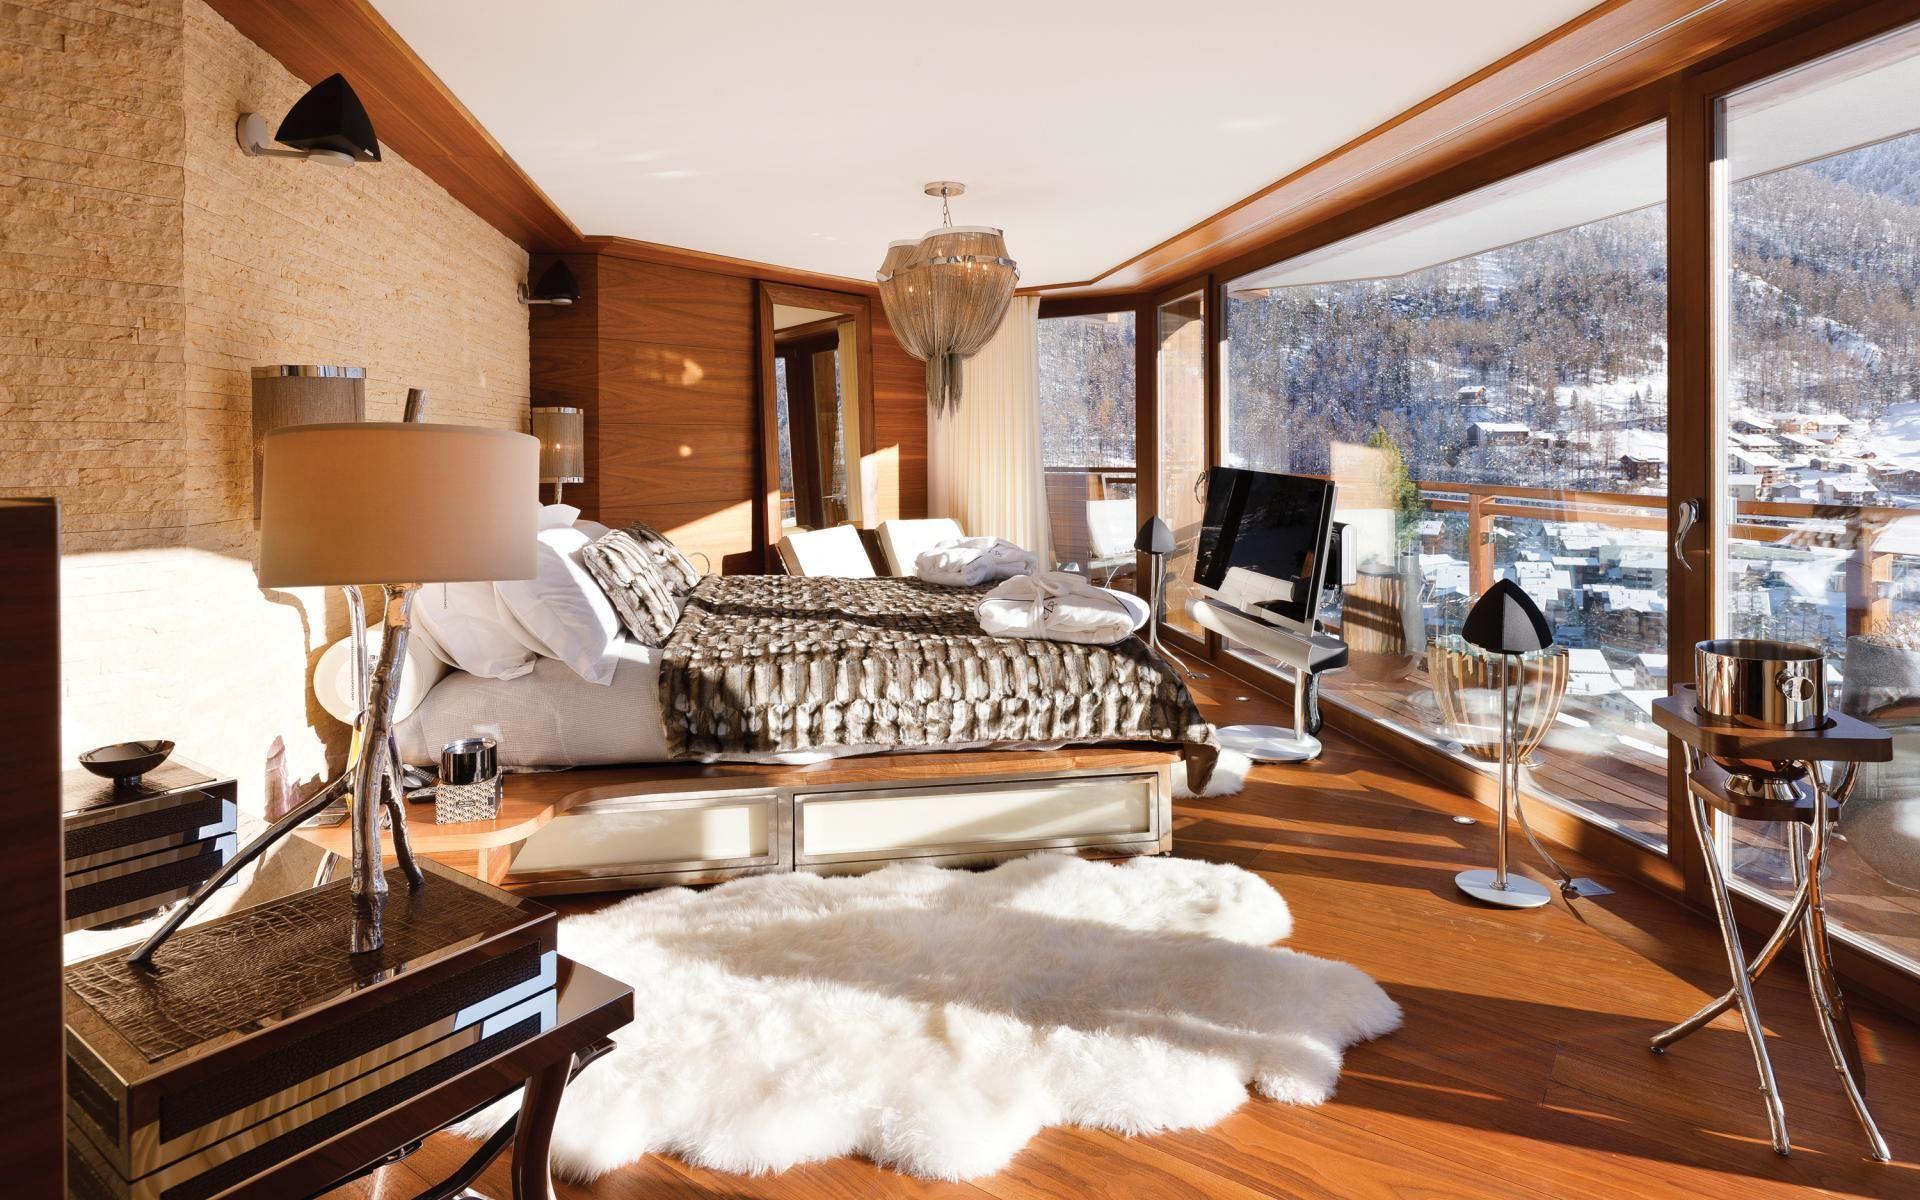 Imagine waking up to this! - Views of the Matterhorn. Pure luxury at Chalet Zermatt Peak, Switzerland.